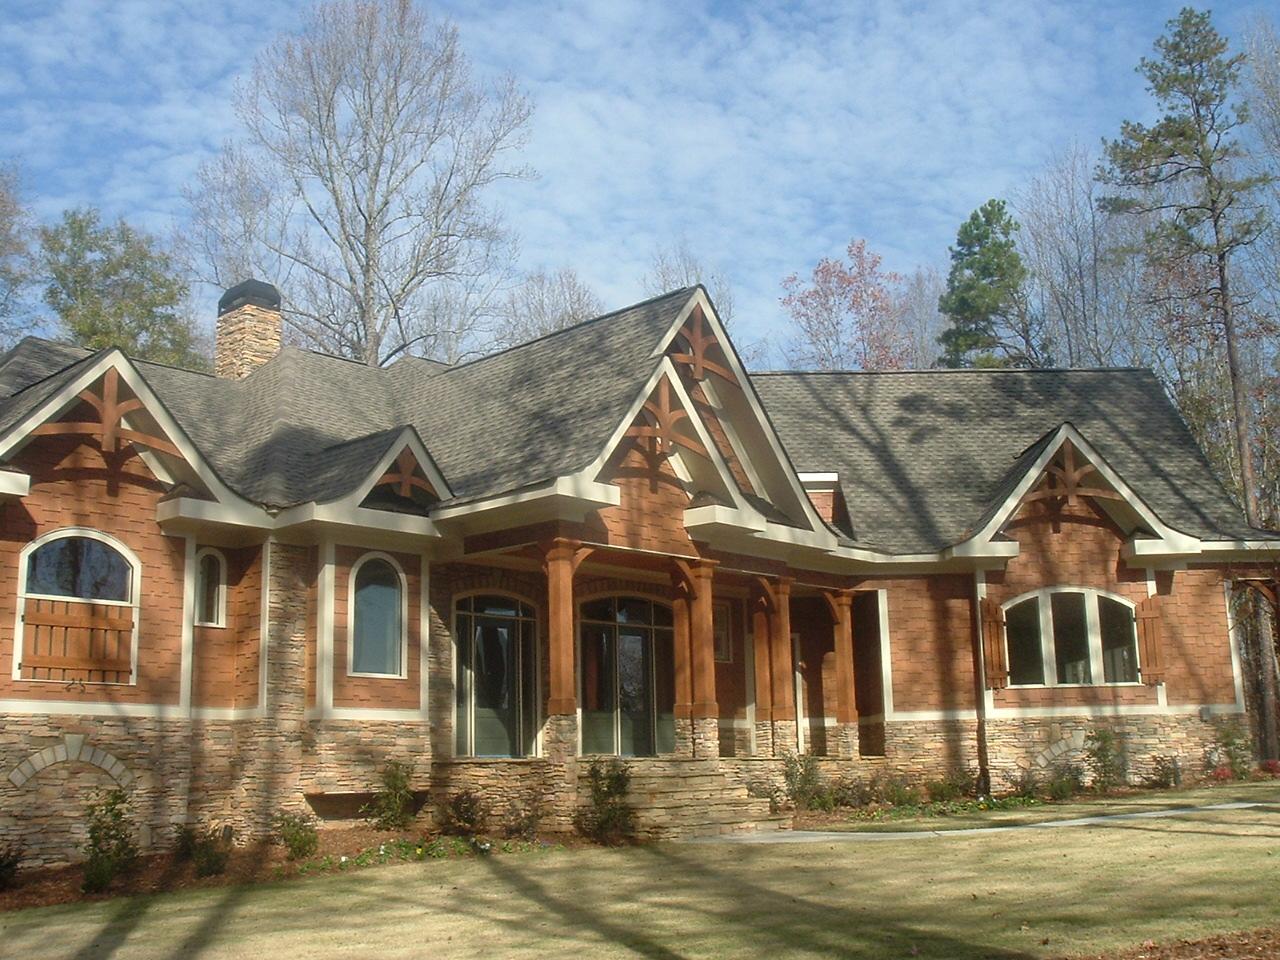 How to paint cedar shake siding on a house home design ideas